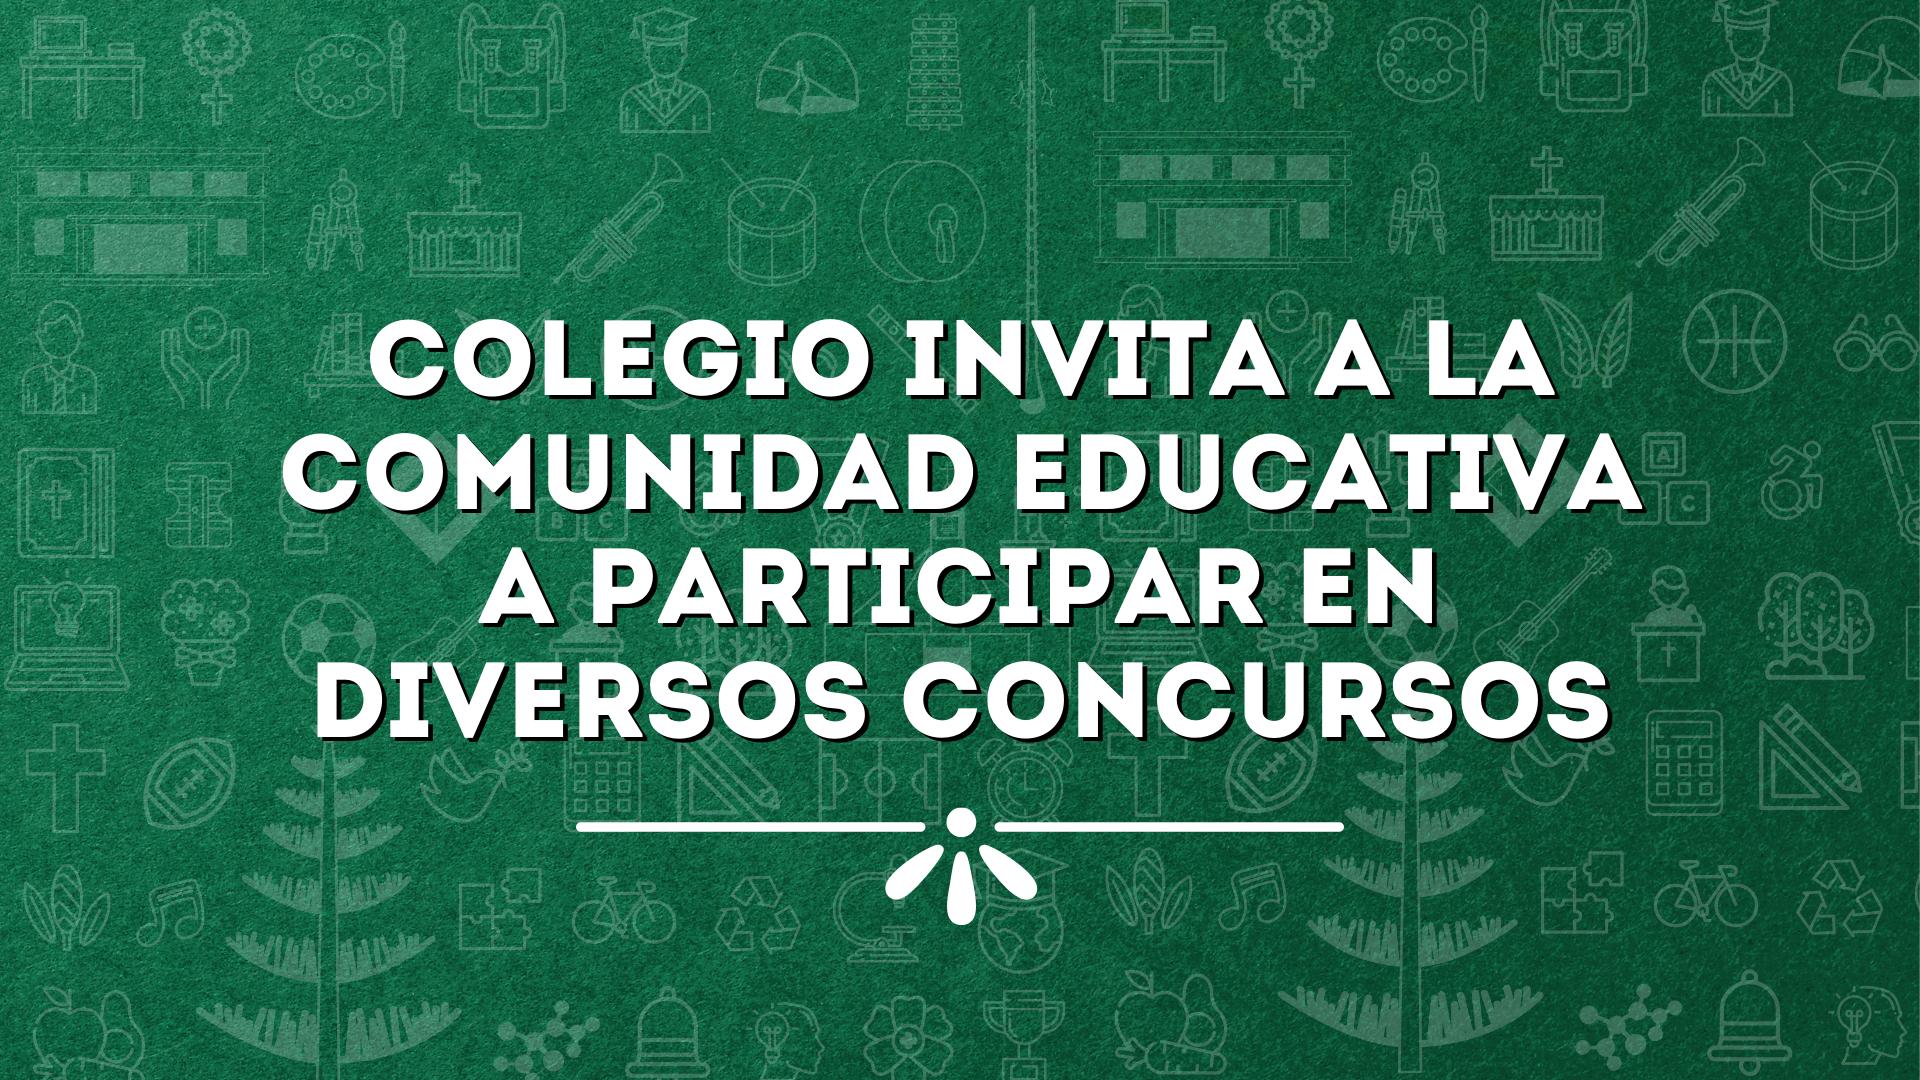 COLEGIO INVITA A LA COMUNIDAD EDUCATIVA A PARTICIPAR EN DIVERSOS CONCURSOS